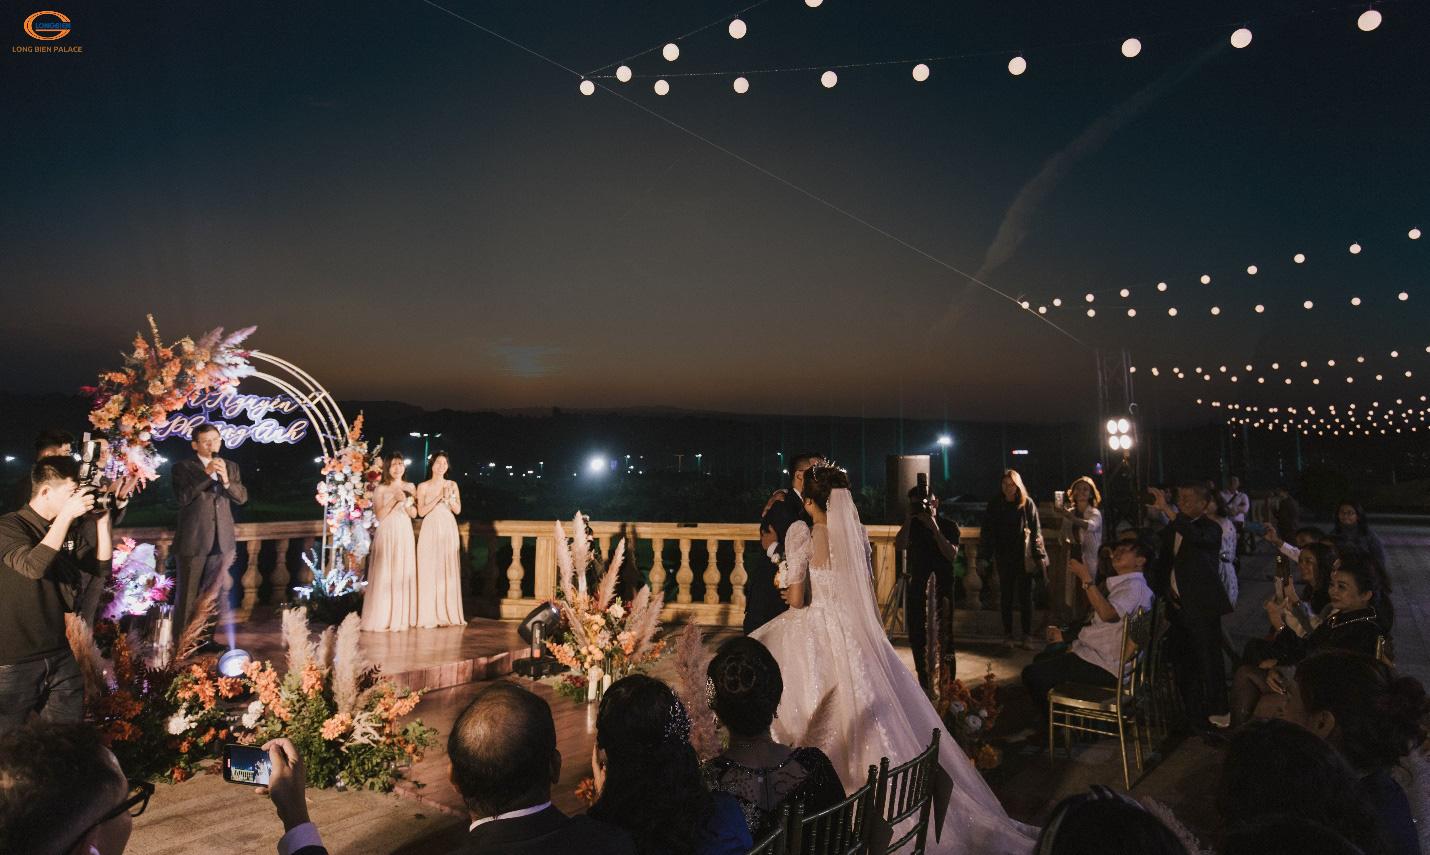 Tiệc cưới thơ mộng như ở trời Tây giữa lòng Hà Nội - Ảnh 3.